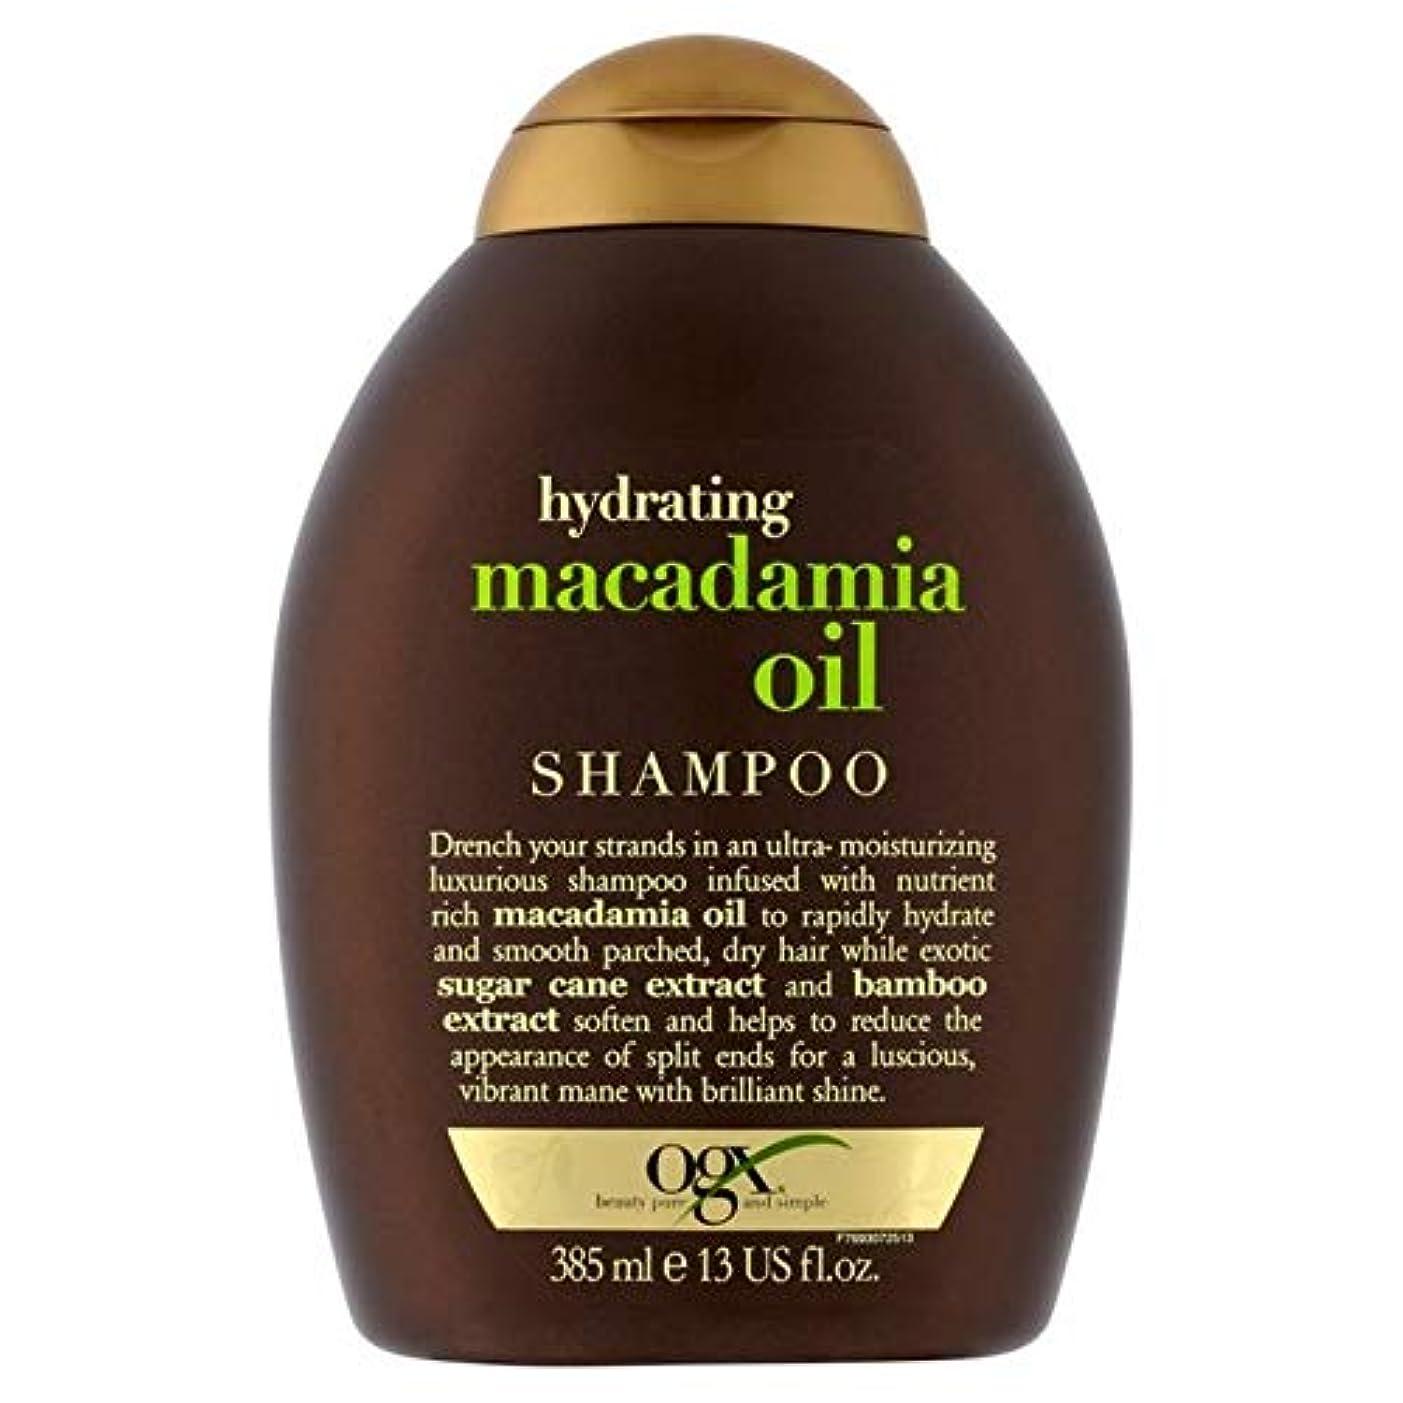 半導体ヒゲマラドロイト[Ogx] Ogx水和マカダミアオイルシャンプー385ミリリットル - OGX Hydrating Macadamia Oil Shampoo 385ml [並行輸入品]